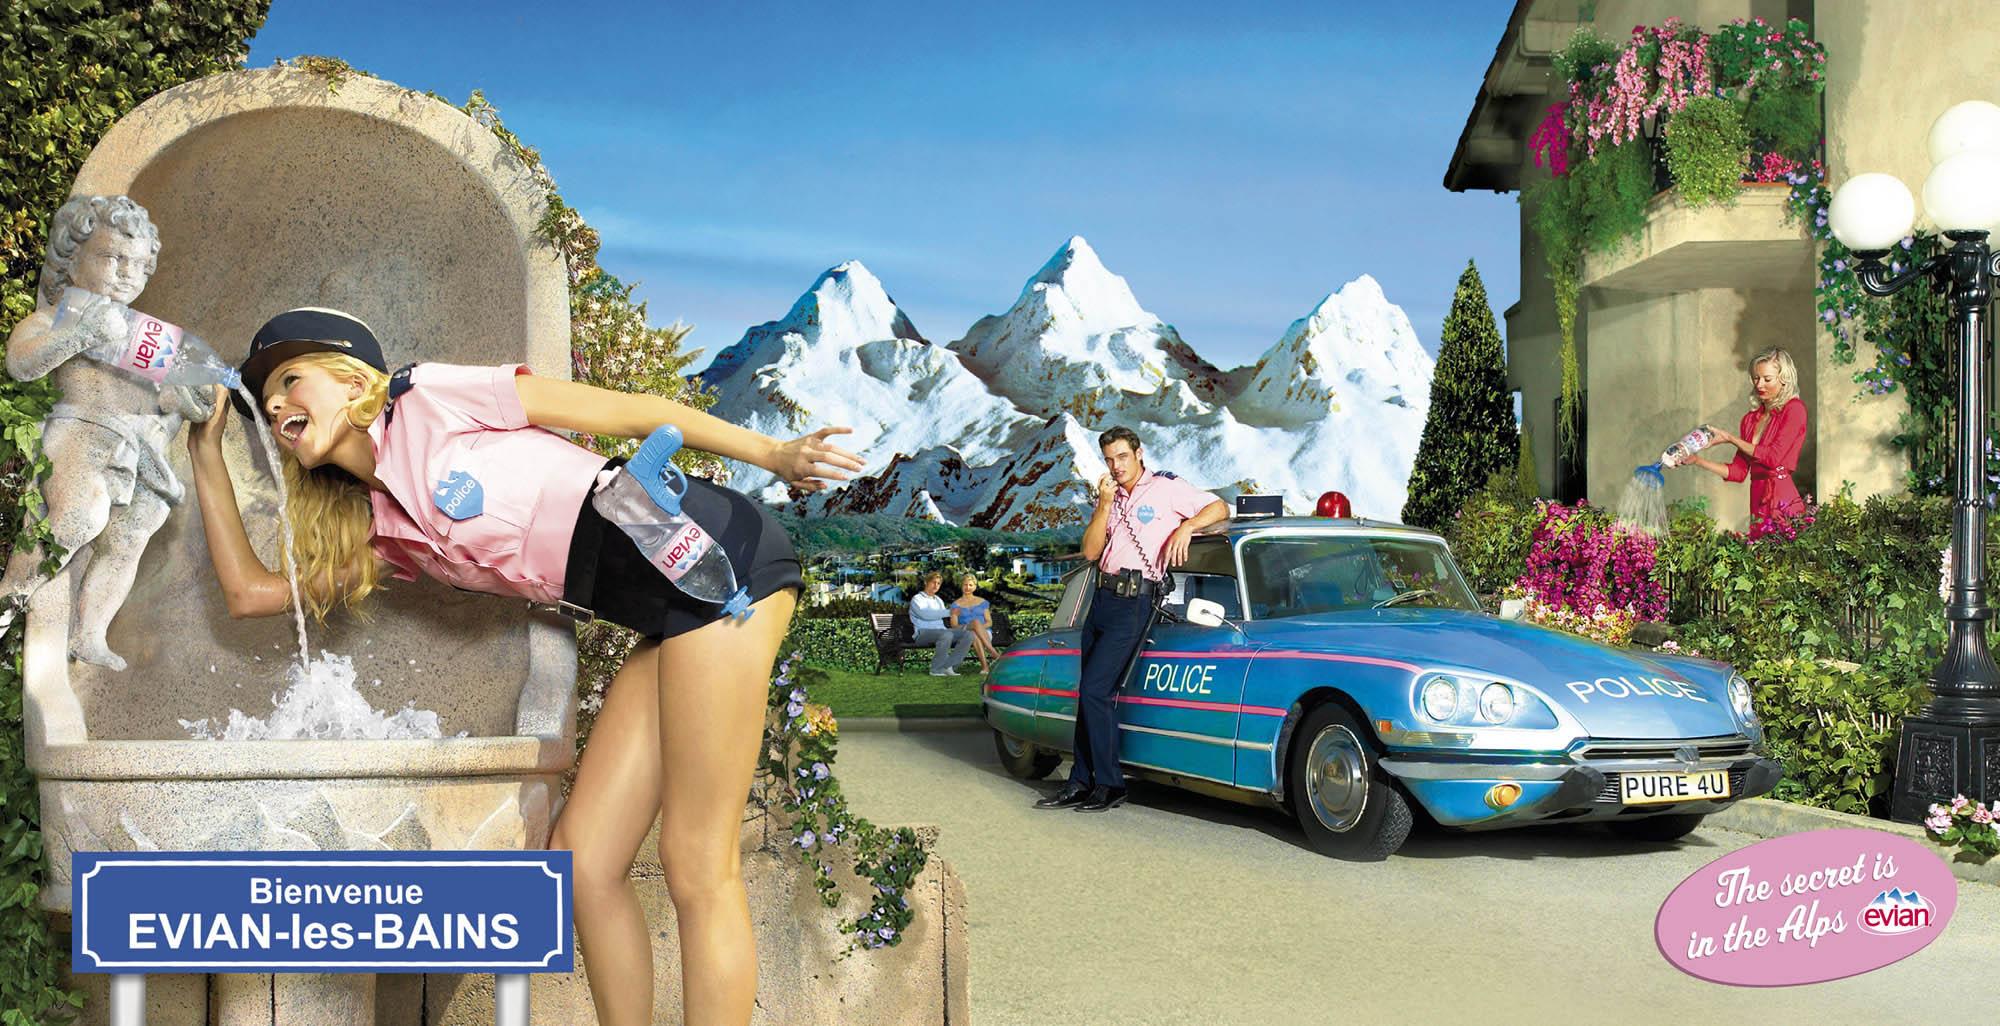 Bilden ?http://www.ibelieveinadv.com/commons/ibevian.jpg? kan inte visas, då den innehåller fel.